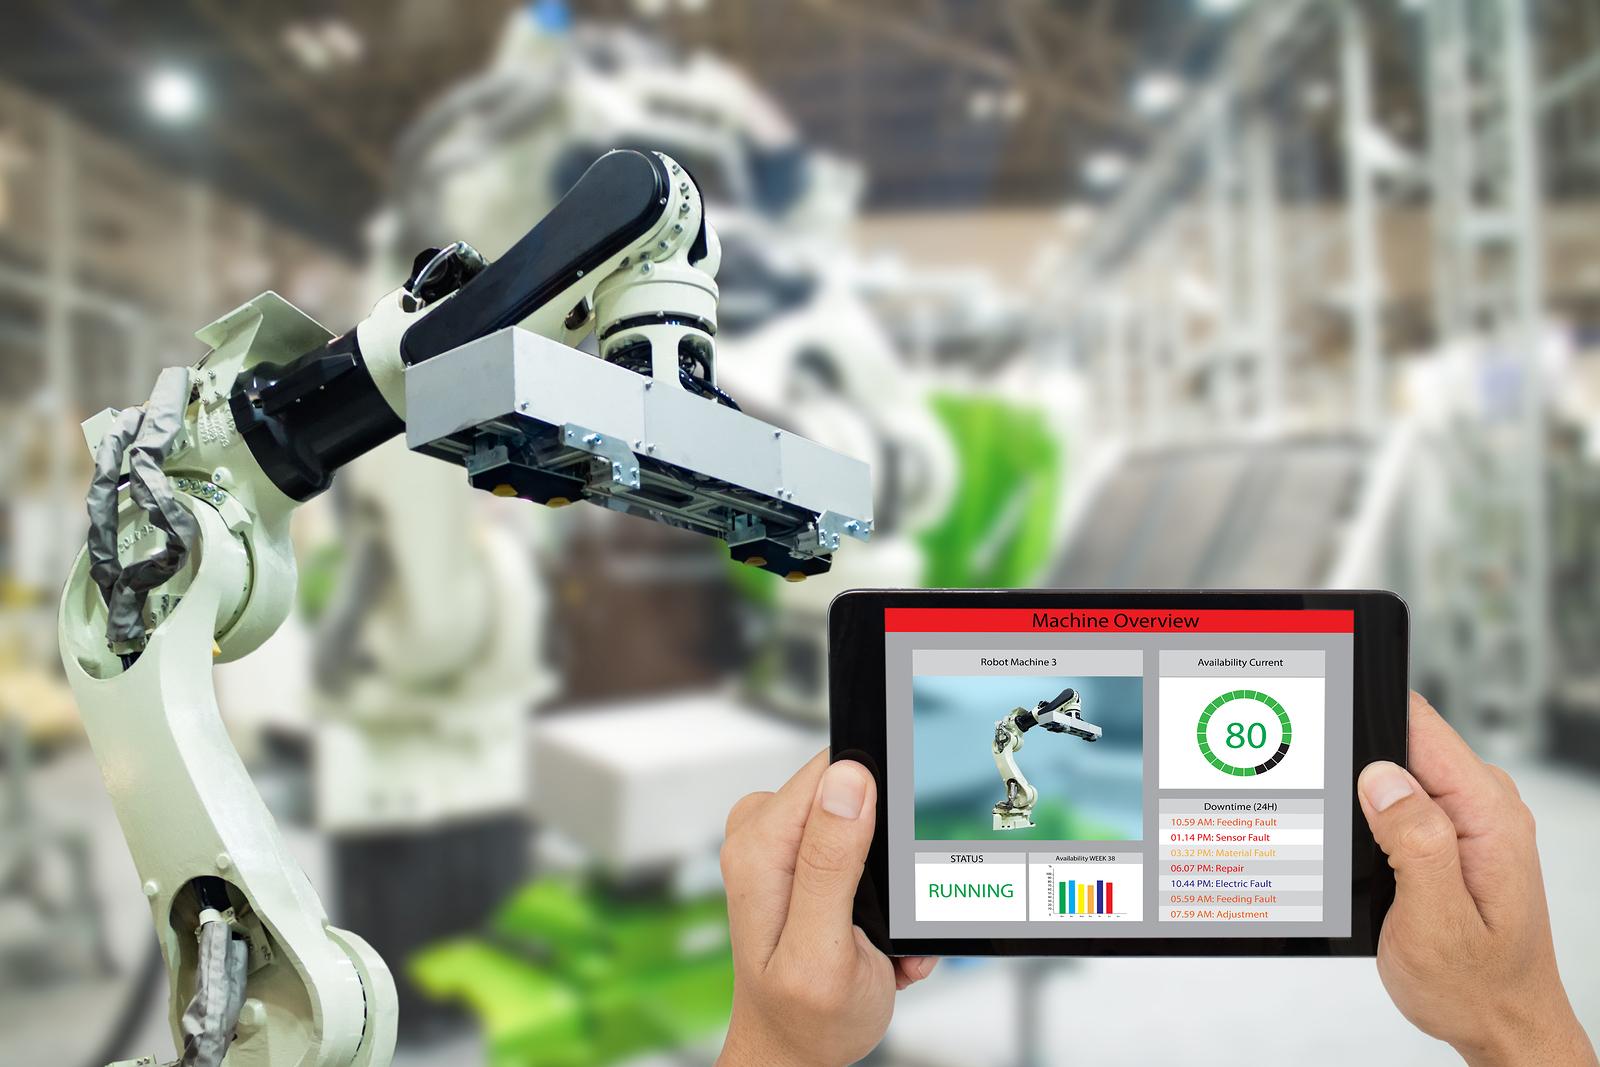 Un estudio muestra que la mayoría de las personas no temen perder su empleo a manos de la Inteligencia Artificial, pero desean tener acceso a capacitación en el trabajo para mantenerse actualizados. -